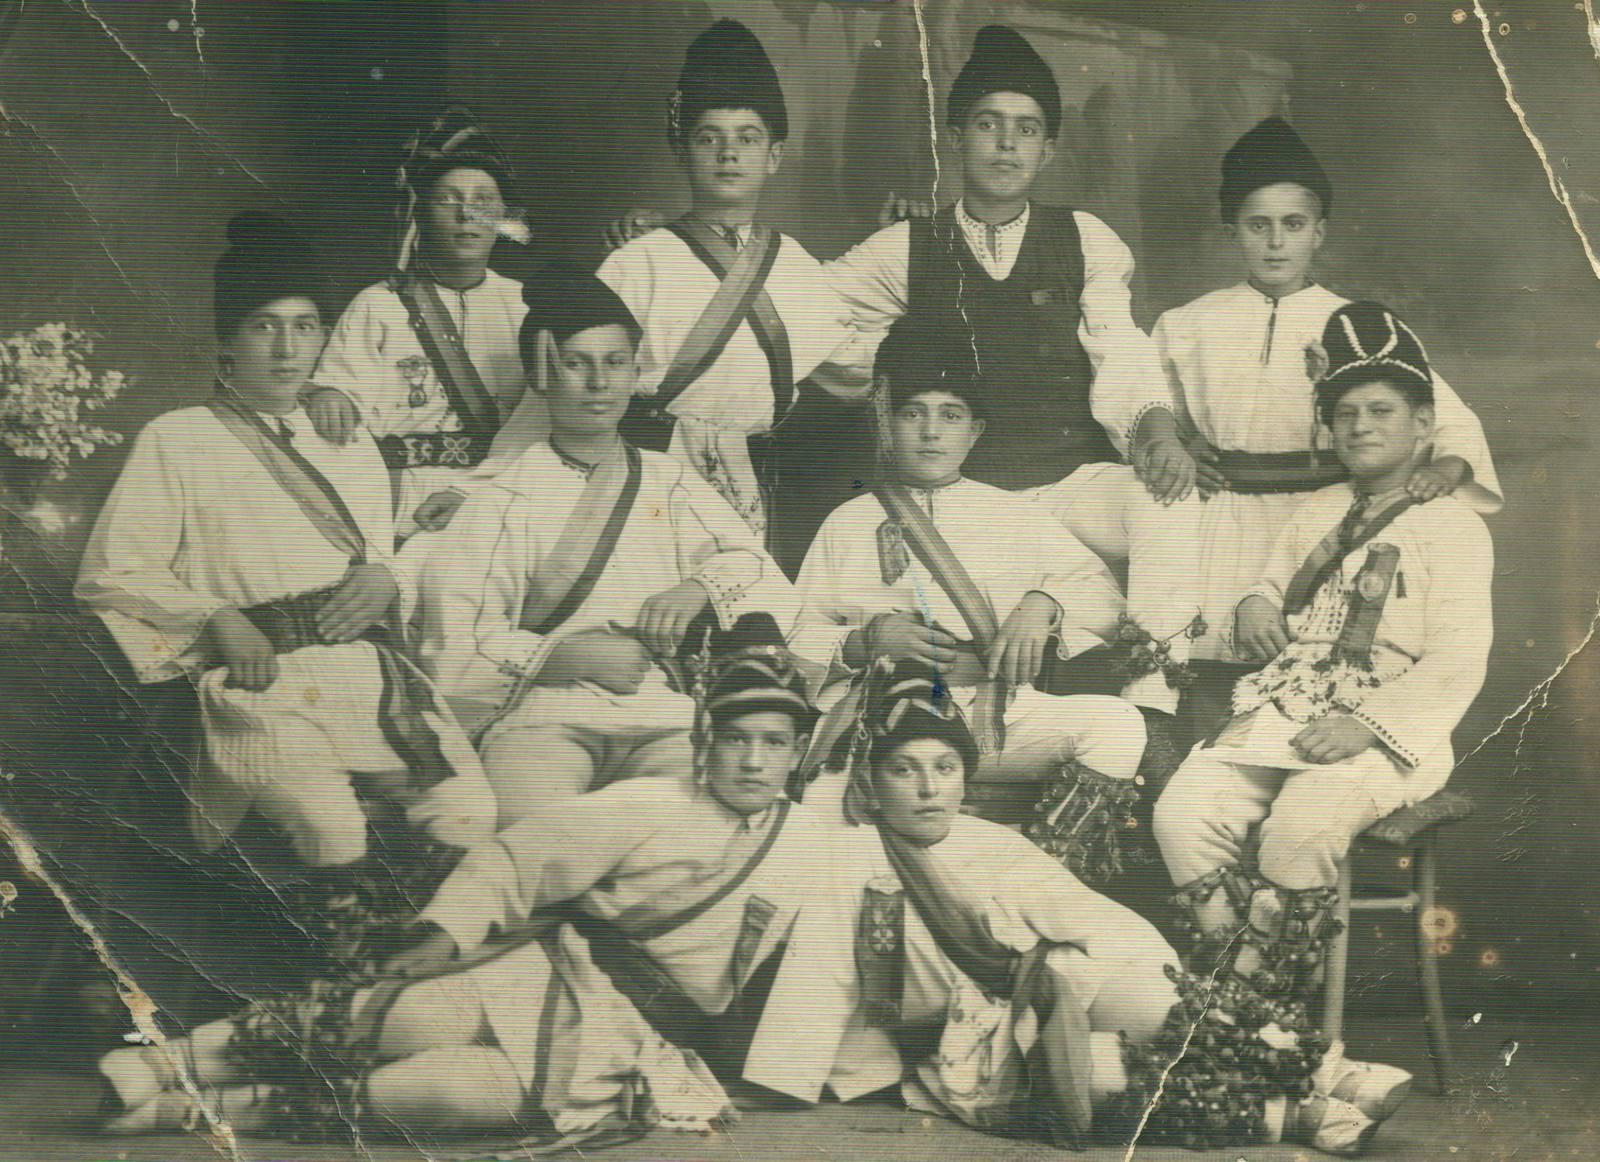 Imagini de arhivă